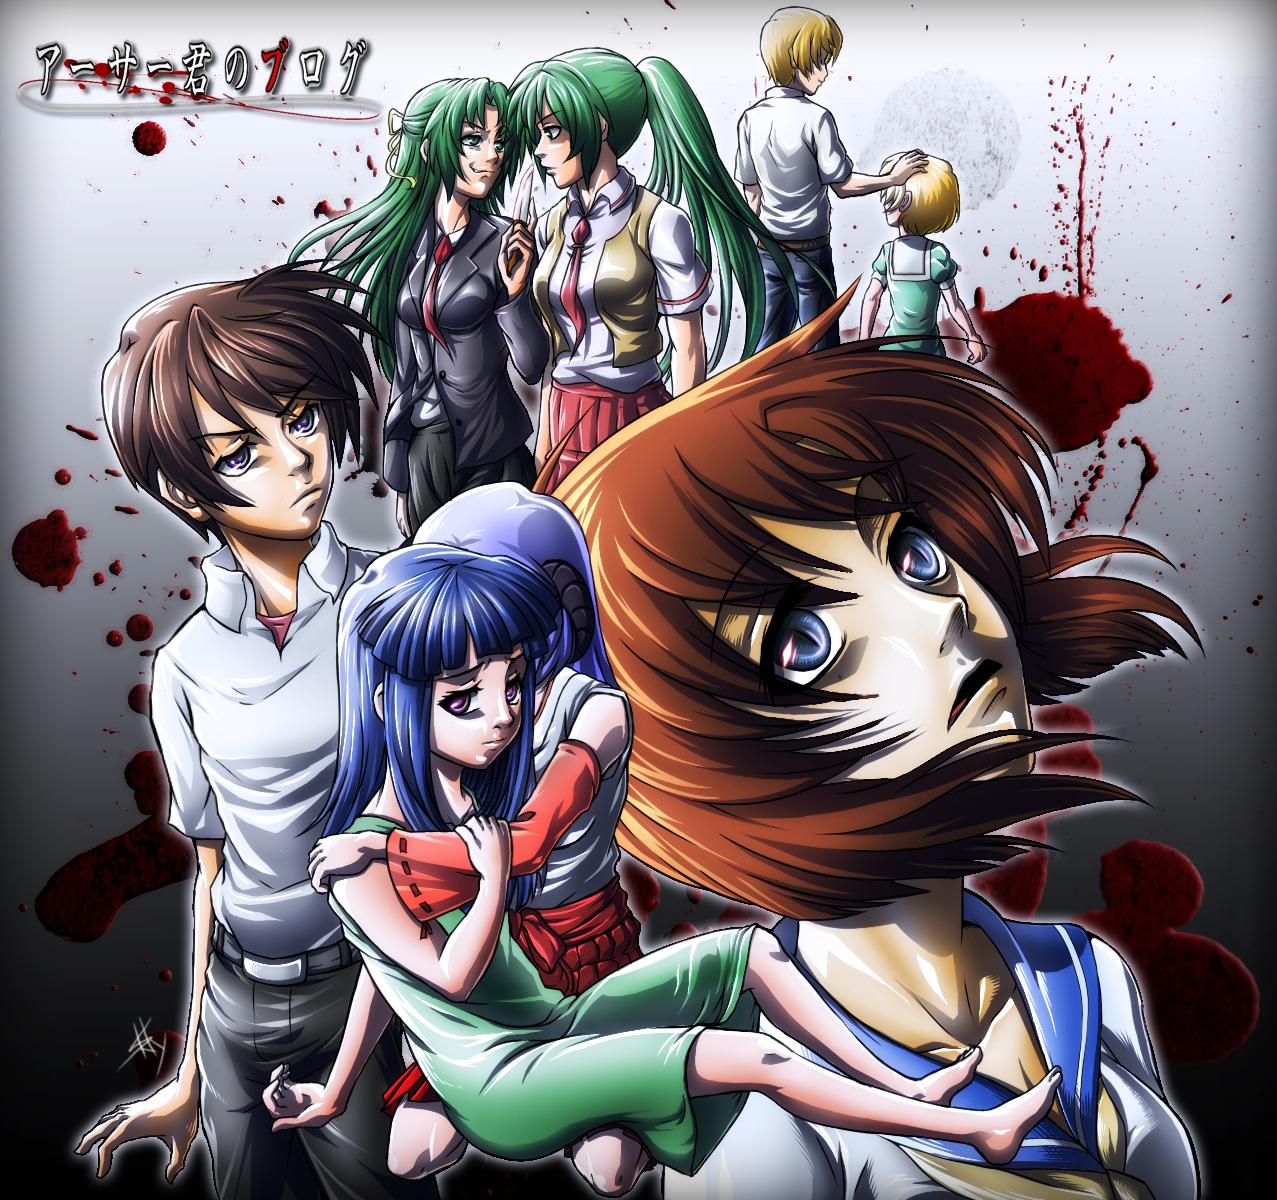 Higurashi No Naku Koro Ni Fan Cover Higurashi No Naku Koro Ni Fan Art 37692296 Fanpop